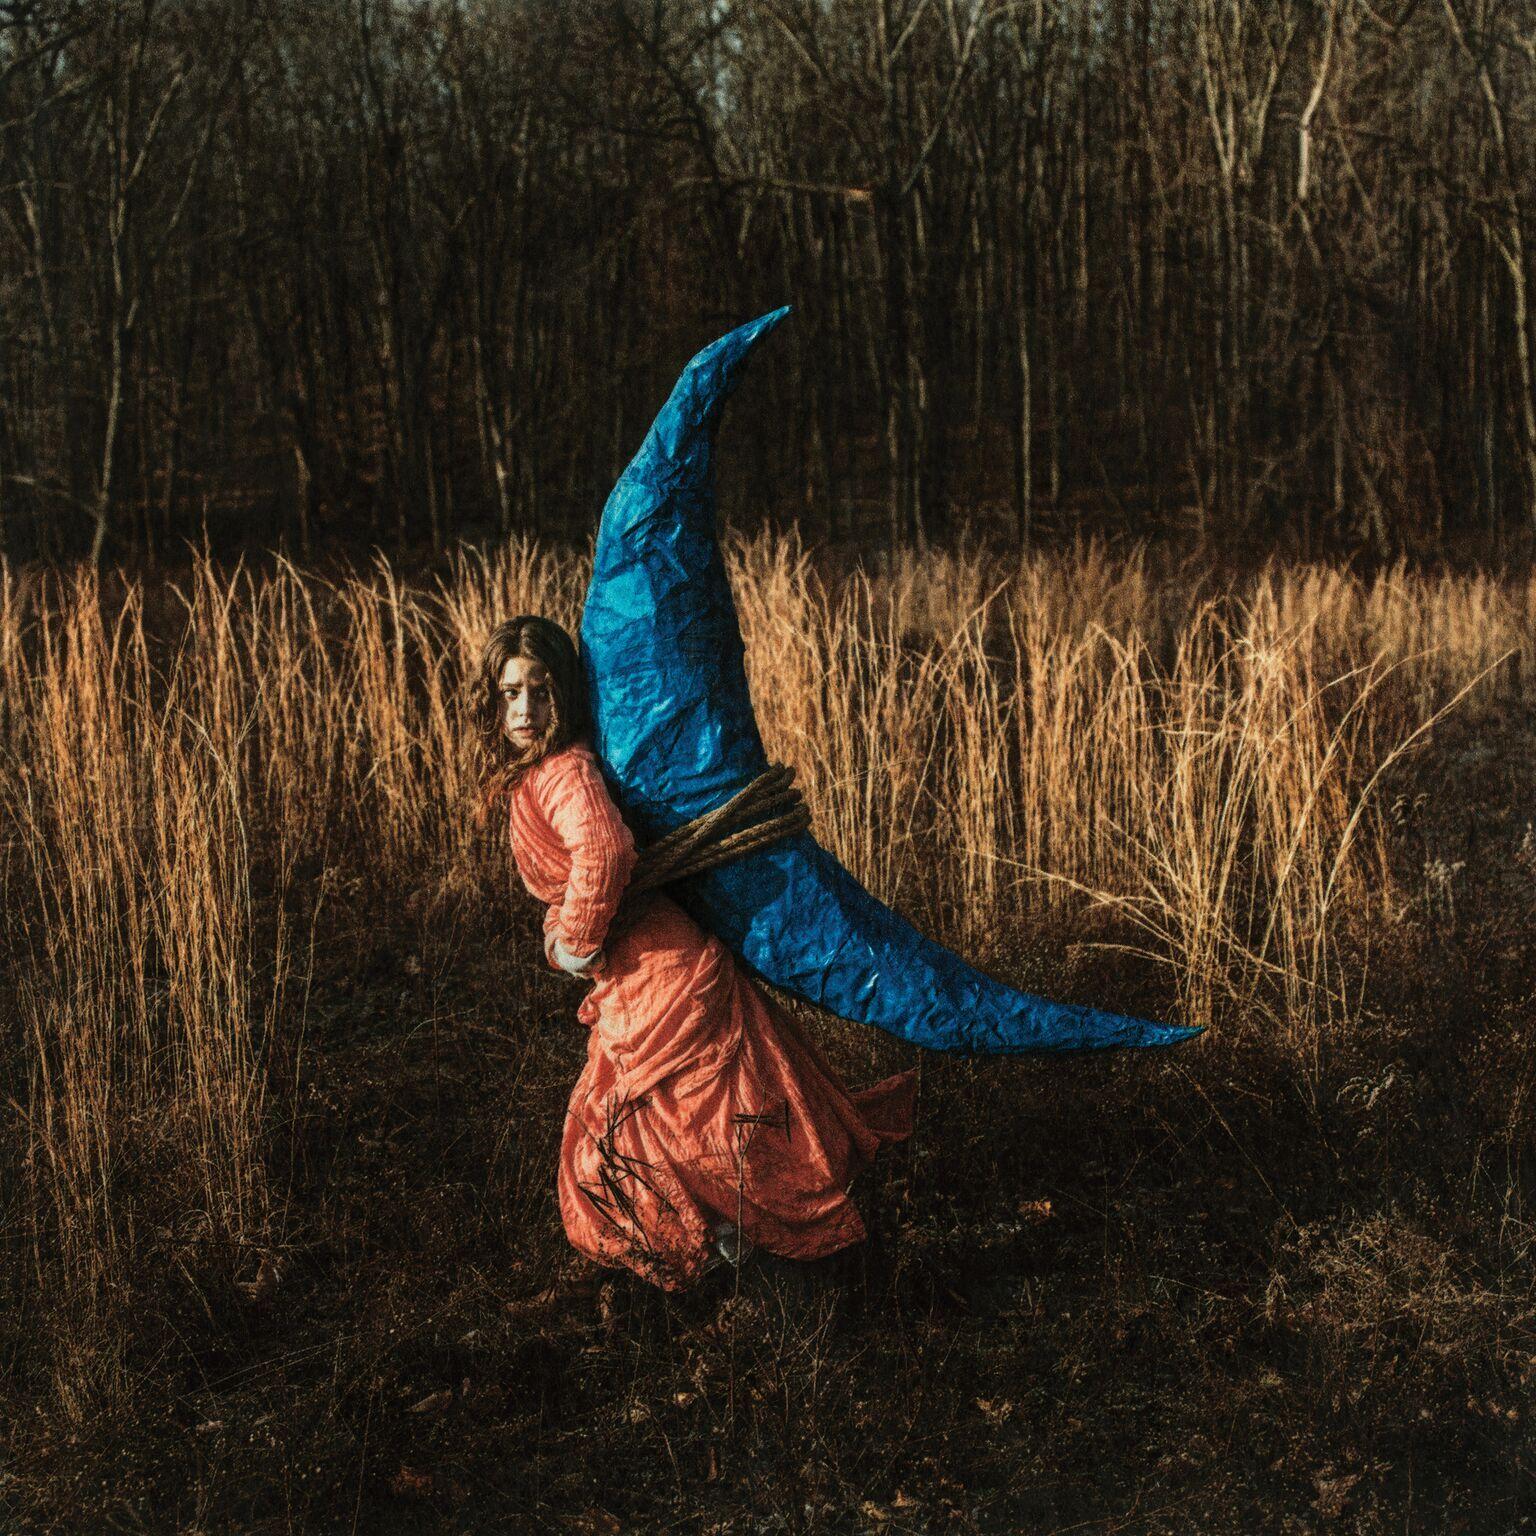 Holly Miranda - Mutual Horse - Digital